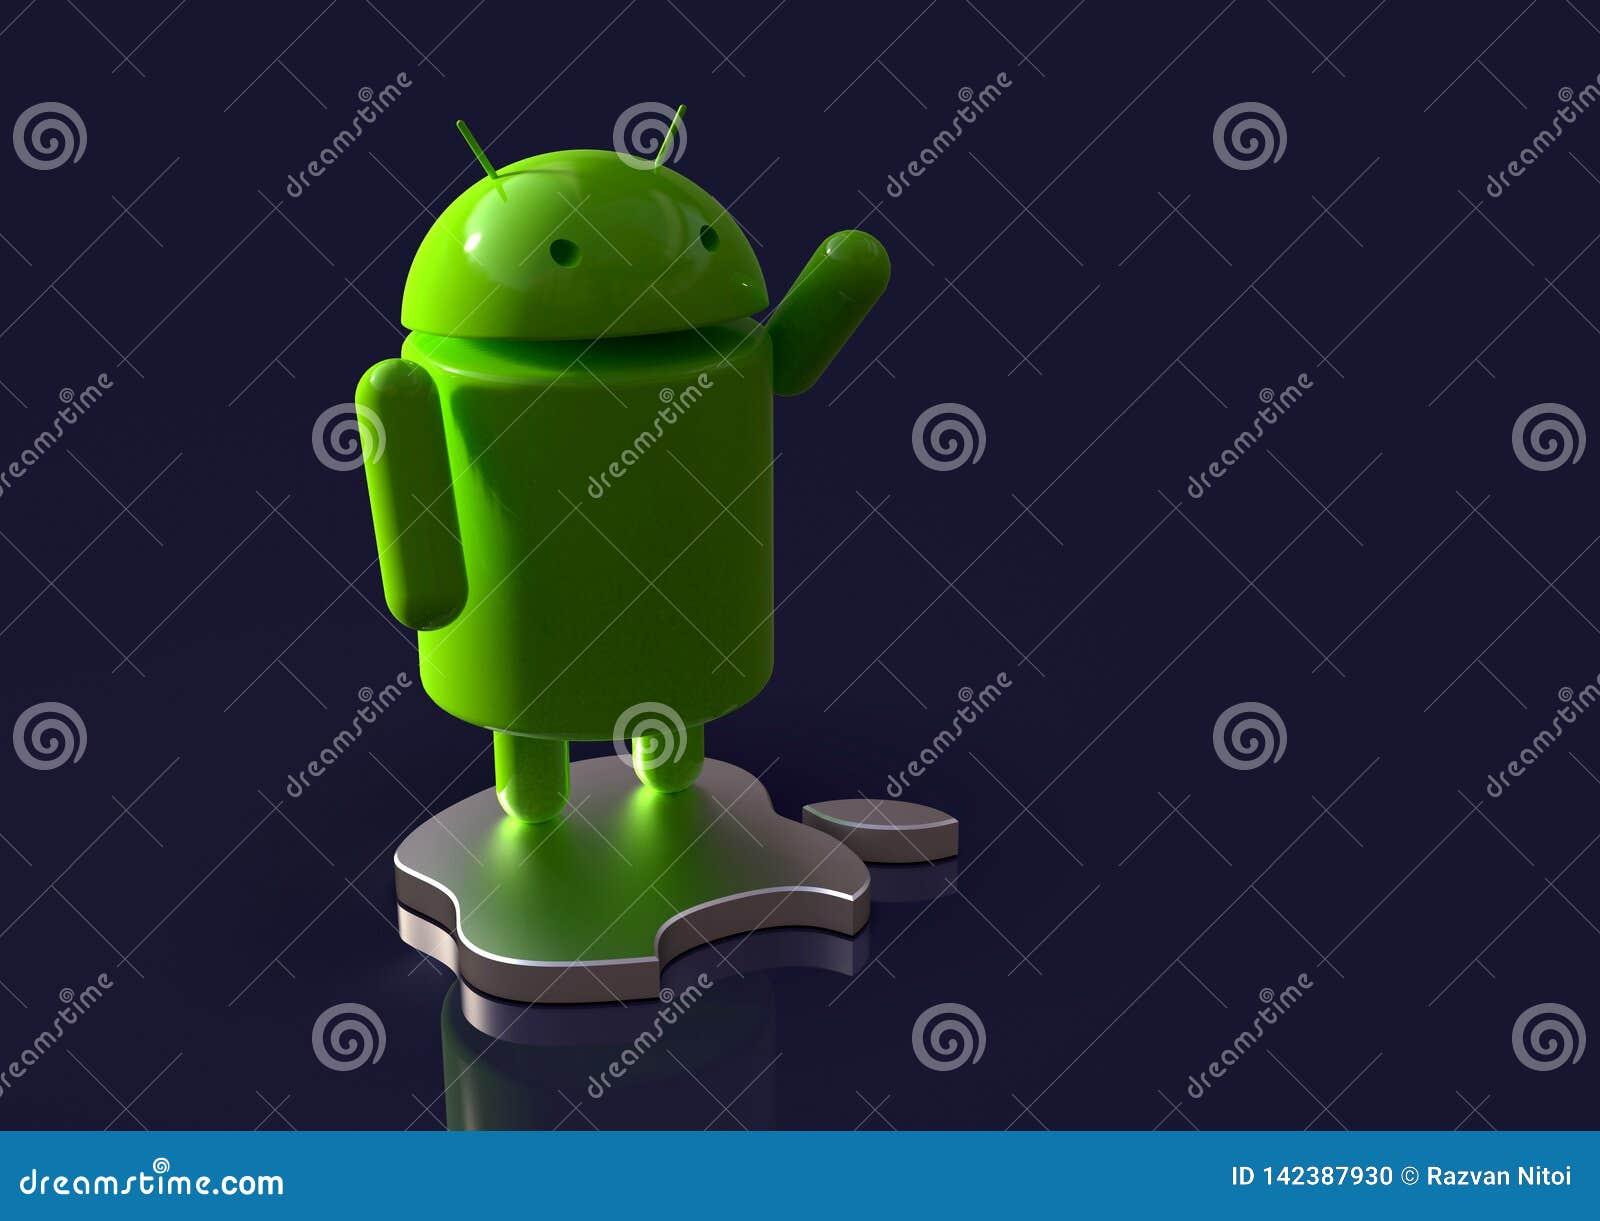 Android vs symbolet för Apple iOS-konkurrens - logotecken